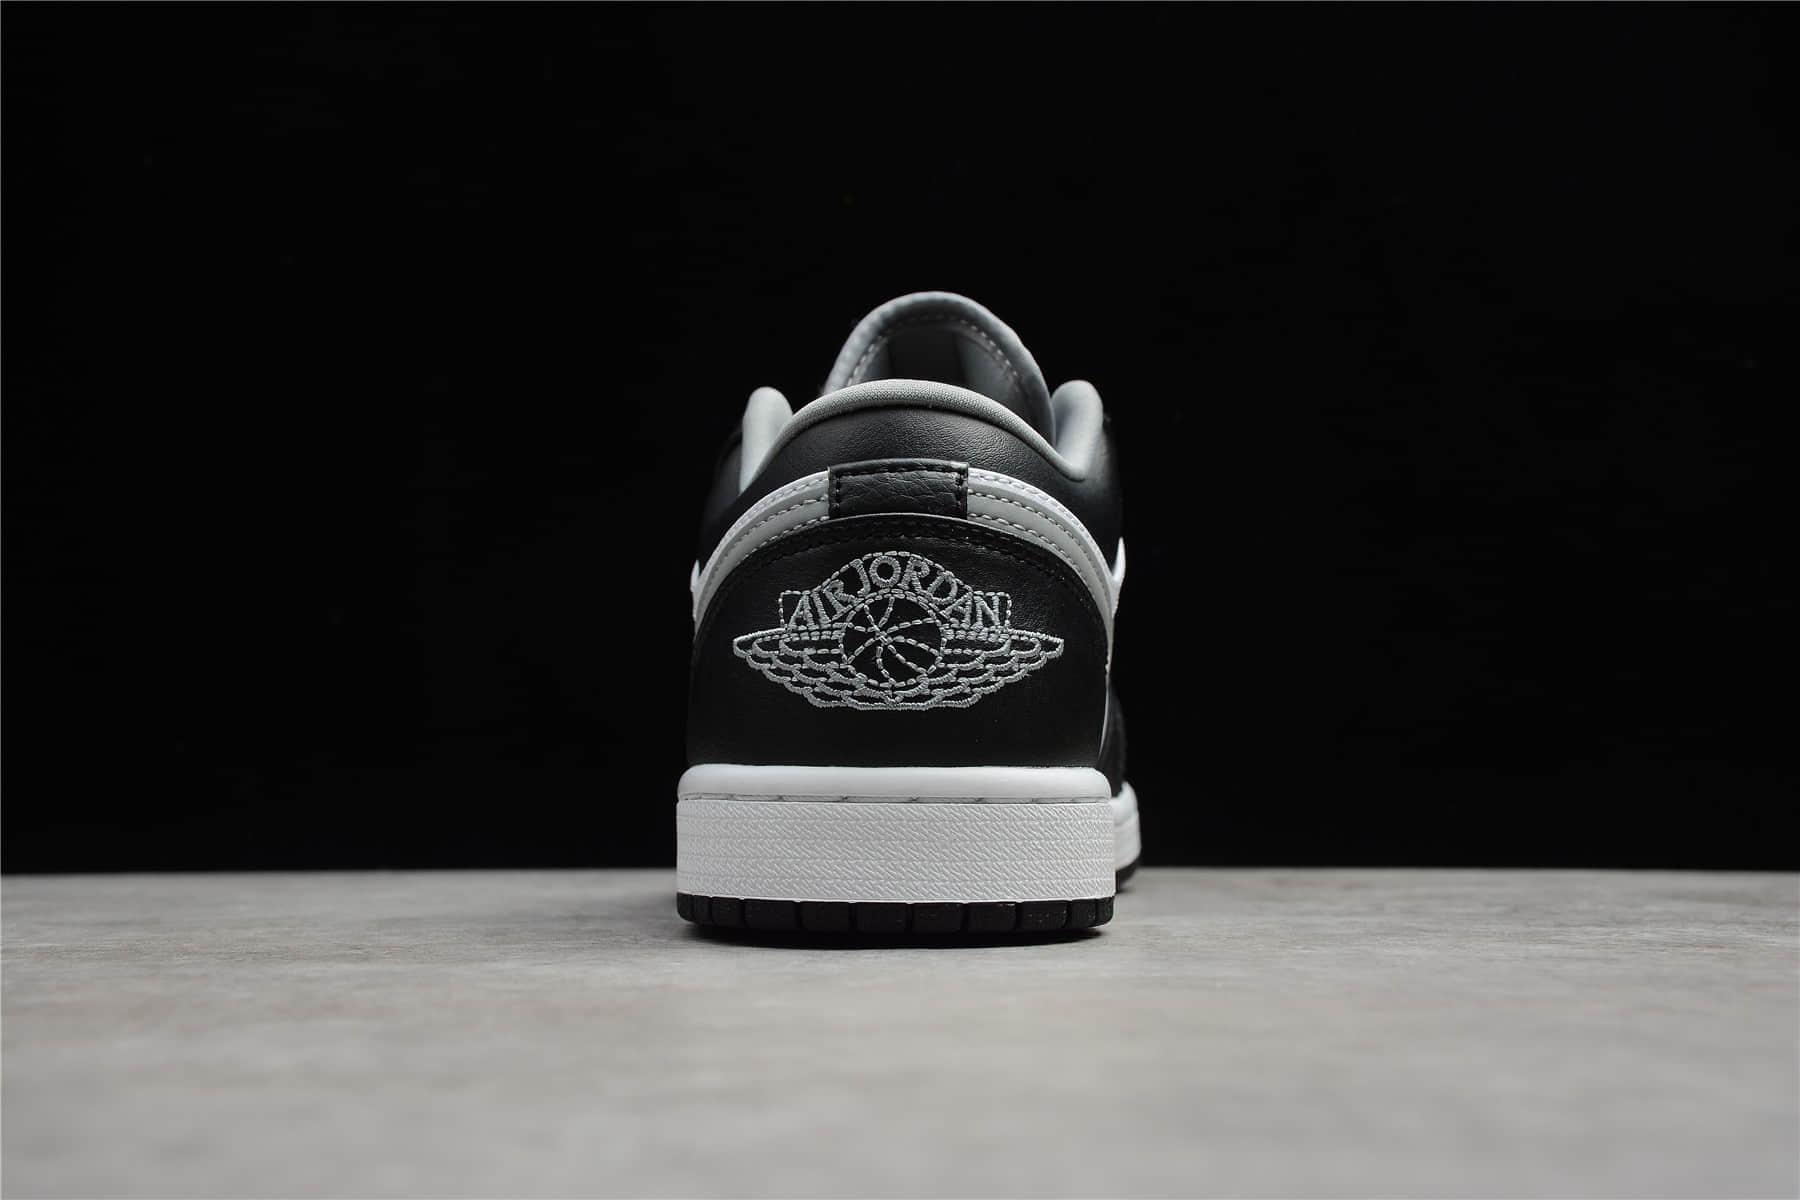 AJ1黑白灰低帮 Air Jordan 1 Low黑白灰 AJ1影子灰 CJ纯原版本AJ1货源渠道 货号:553558-040-潮流者之家